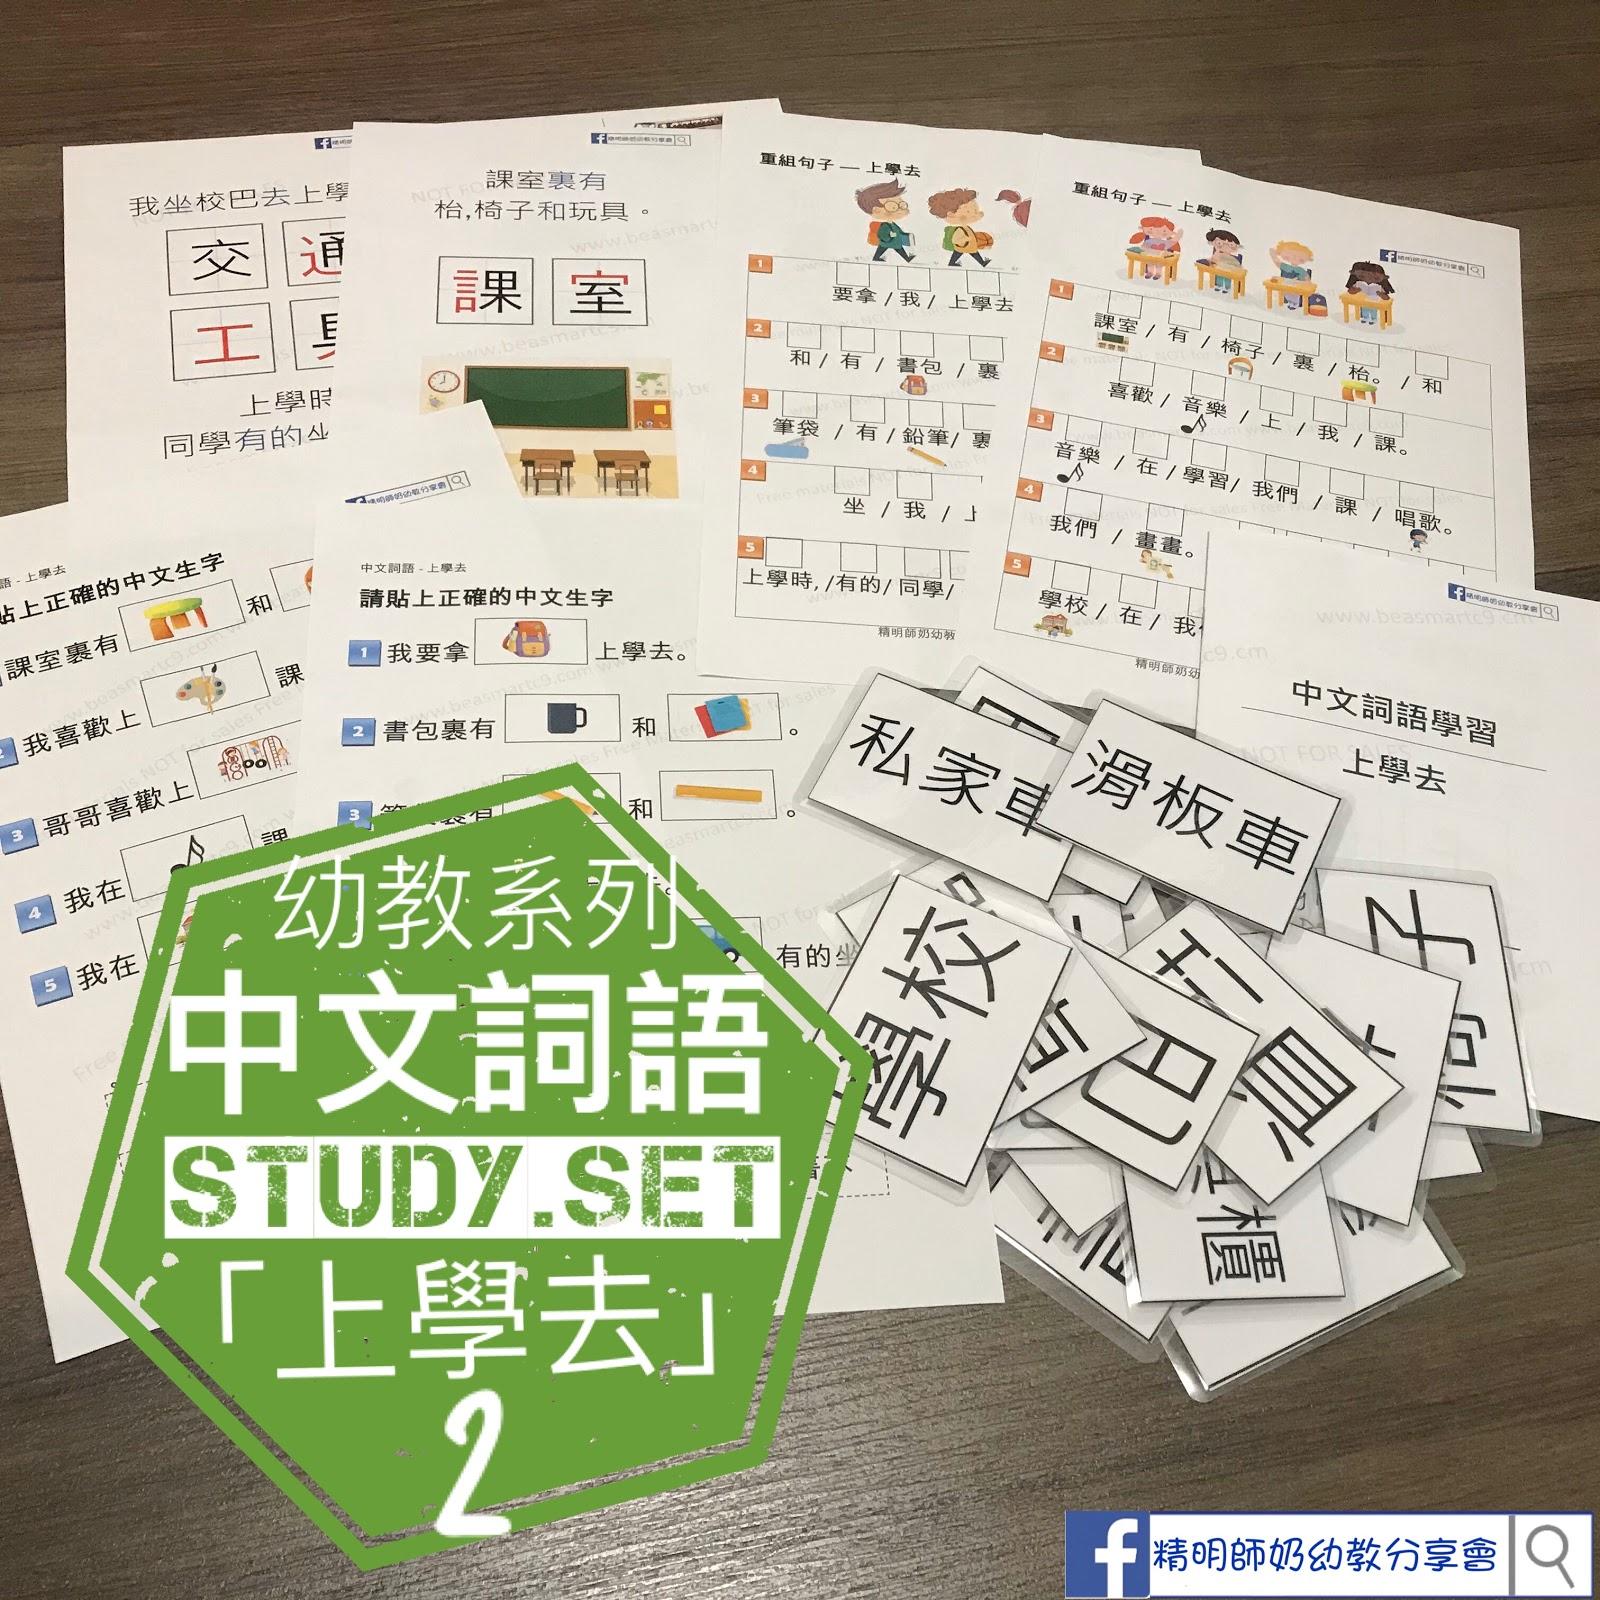 中文詞語「上學去」Study Set (修定版)